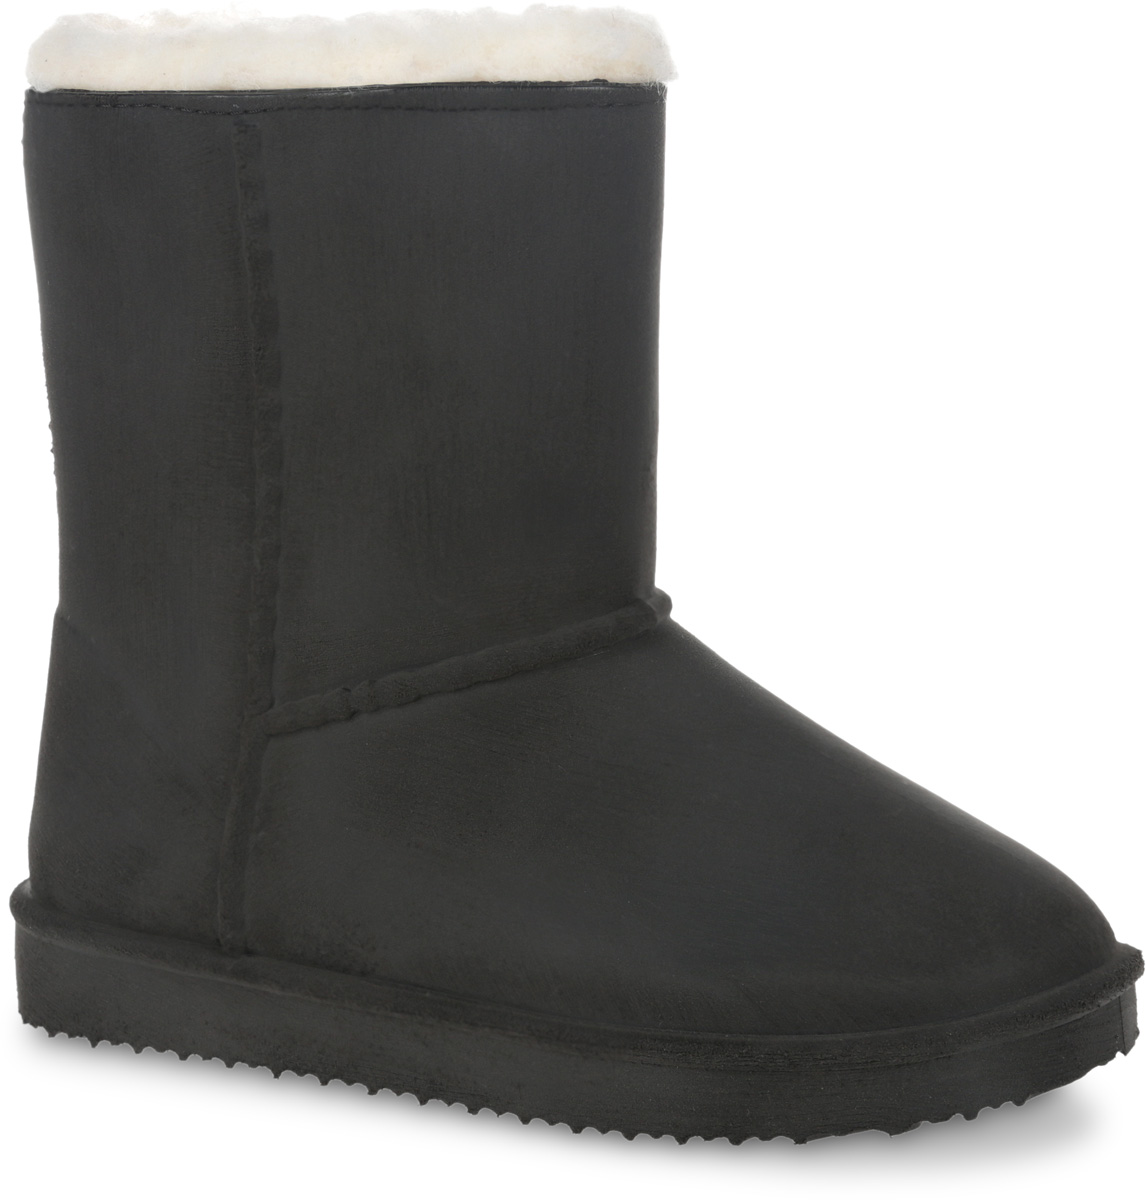 Угги для девочки Зебра, цвет: черный. 11401-1. Размер 3511401-1Удобные детские угги для девочки Зебра выполнены из ПВХ. Подкладка и стелька из шерсти защитят ноги от холода и обеспечат комфорт. В таких уггах ножкам ребенка будет уютно и комфортно!